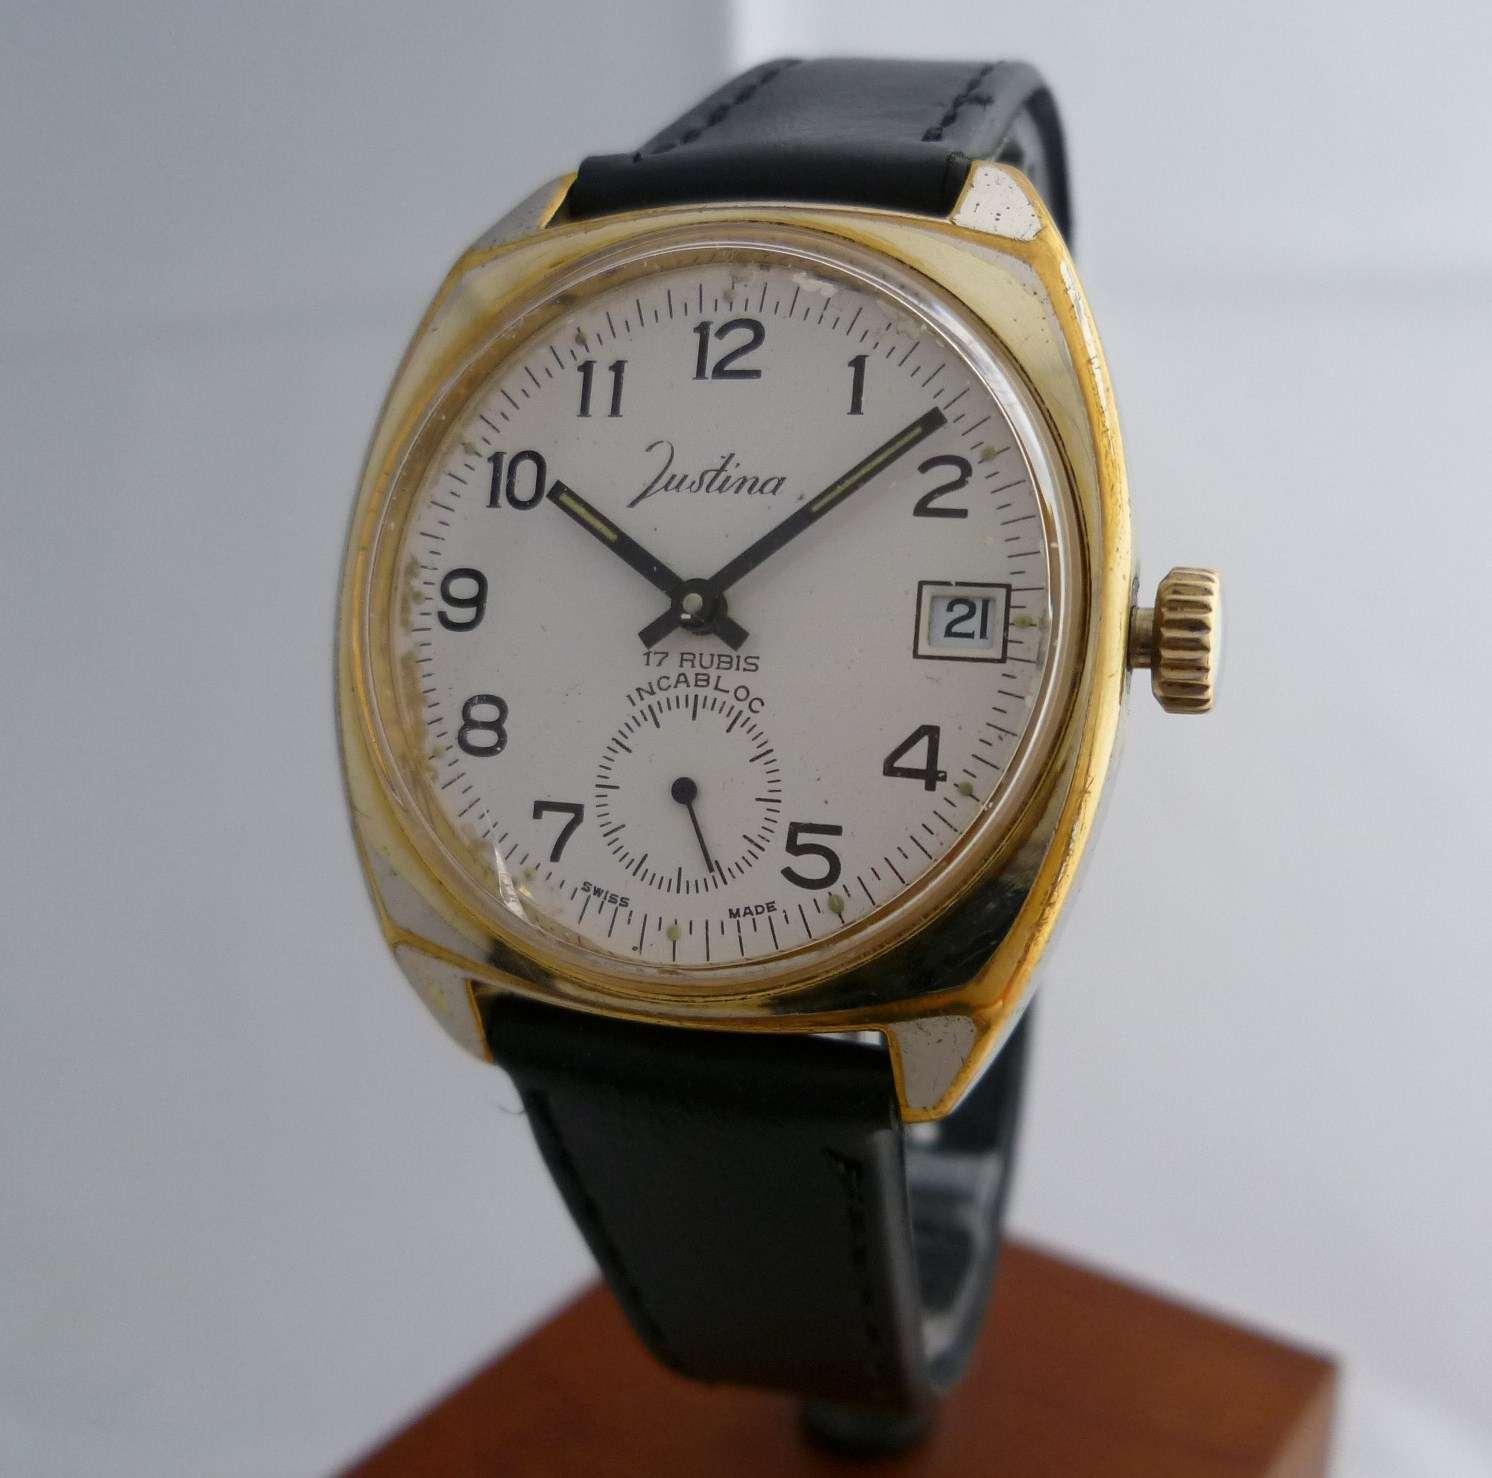 Vendo un justina con unitas6380 foro de compraventa - Relojes justina precios ...